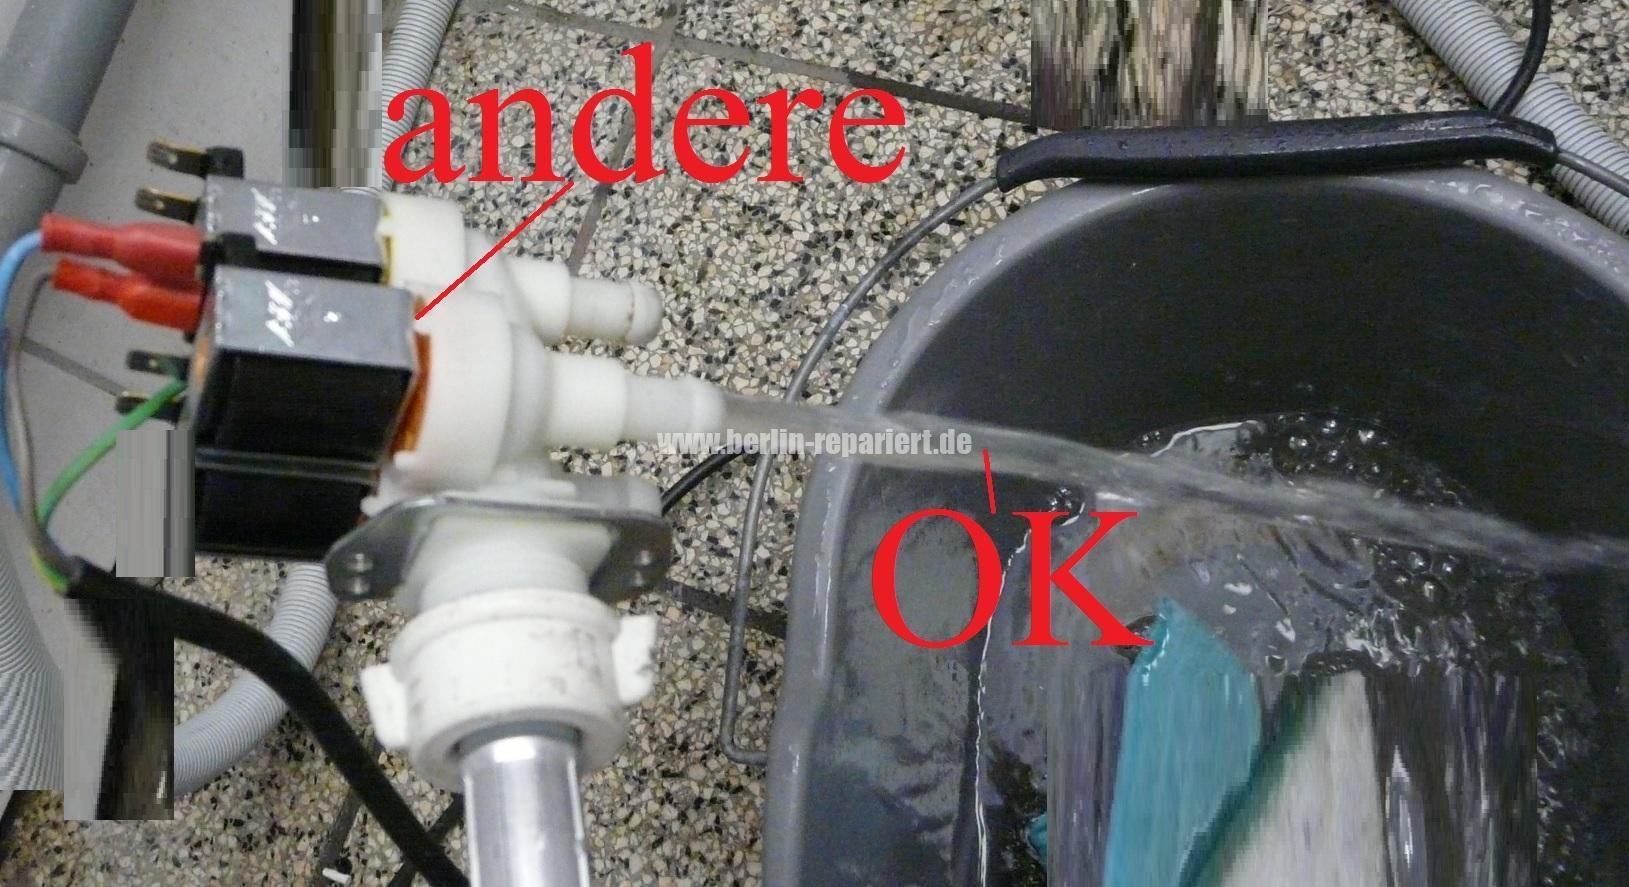 Miele Novotronic W986 Fehlermeldung Zulauf Prufen Zieht Kein Wasser